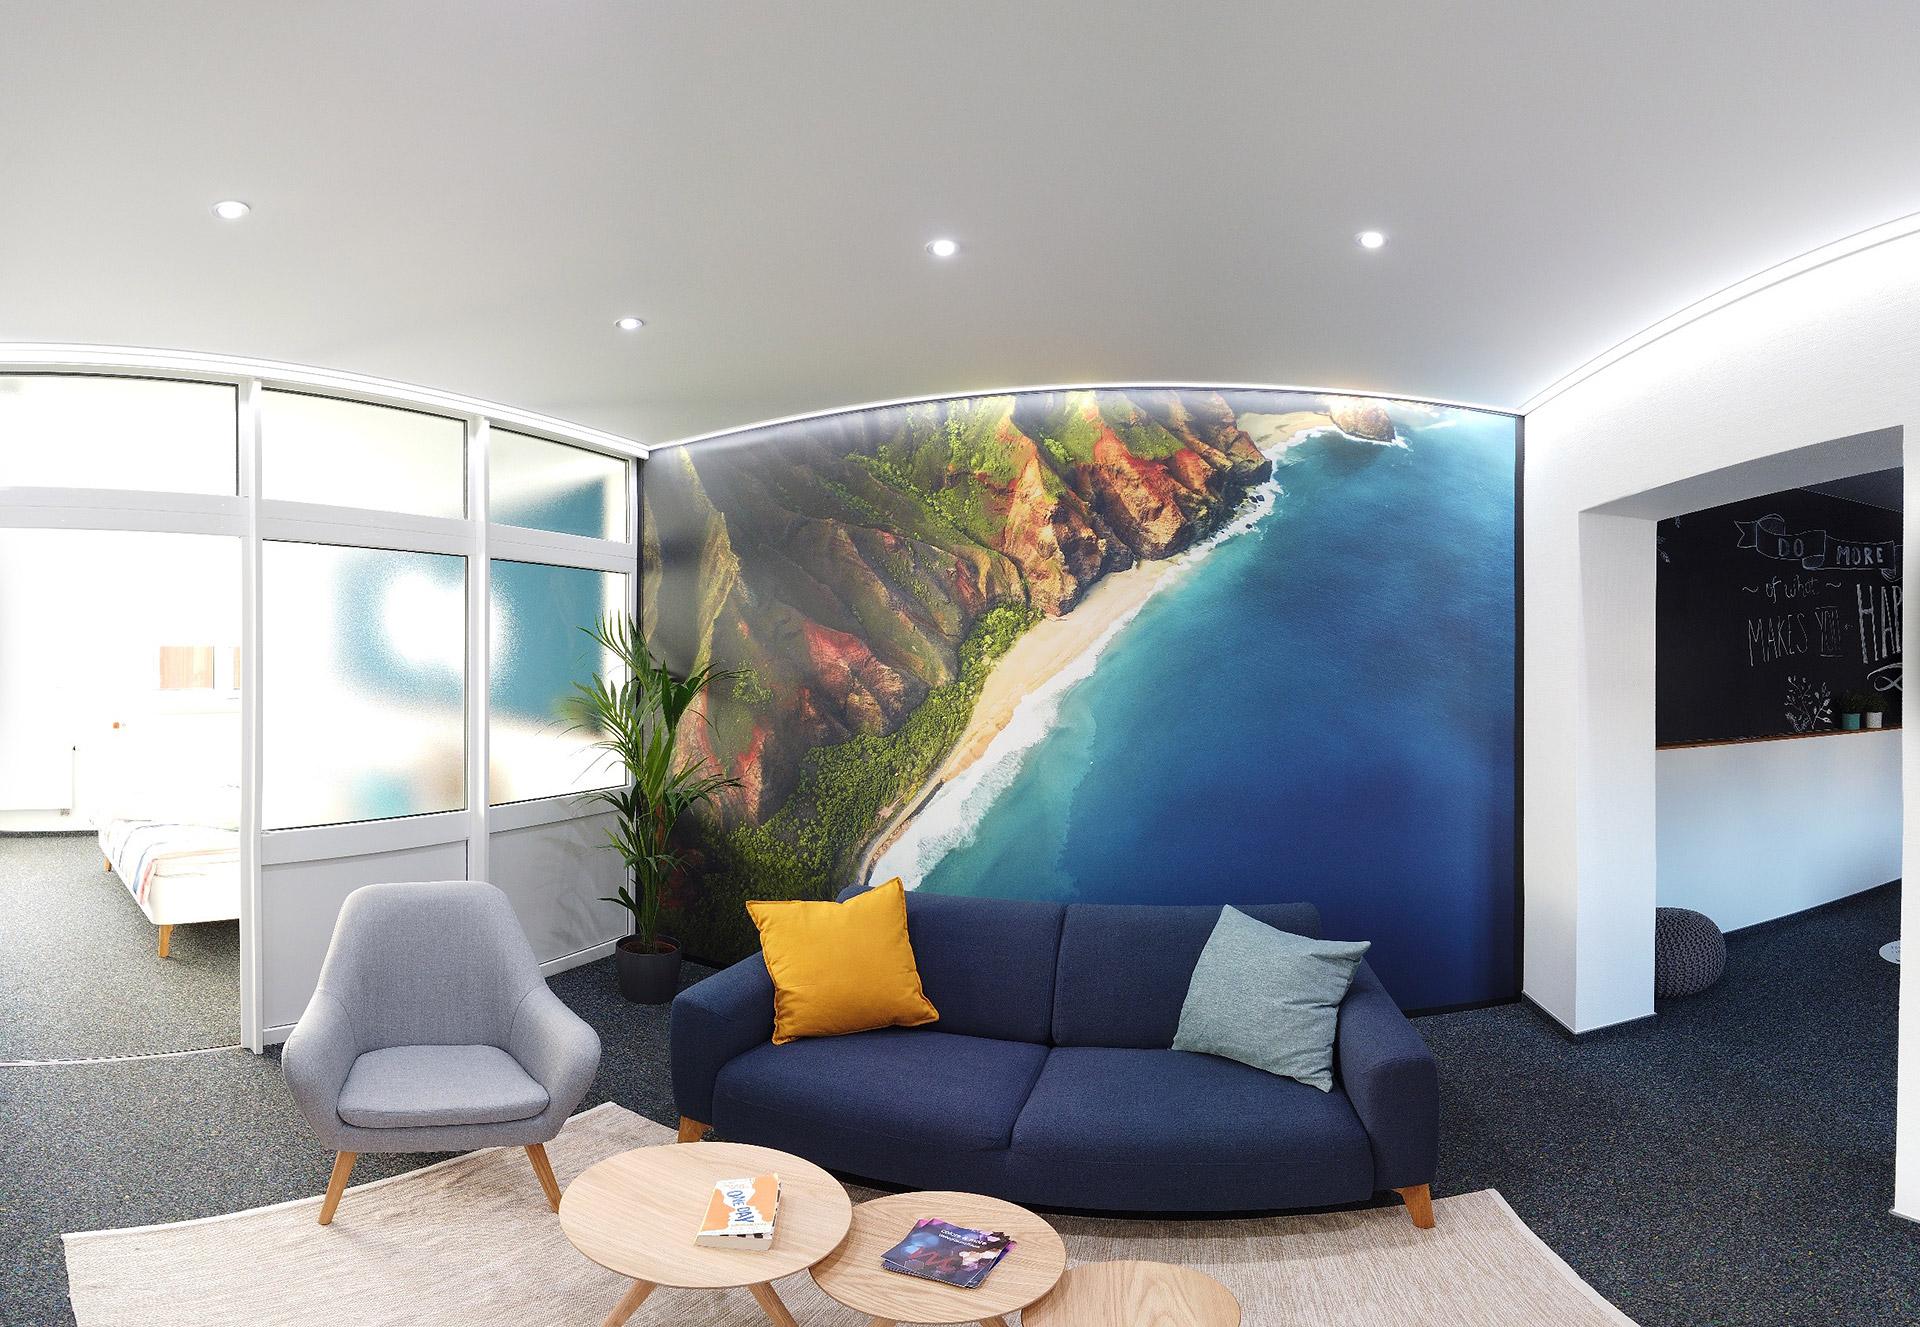 Wohnzimmer Tageslichtweiß - Human Centric Lighting